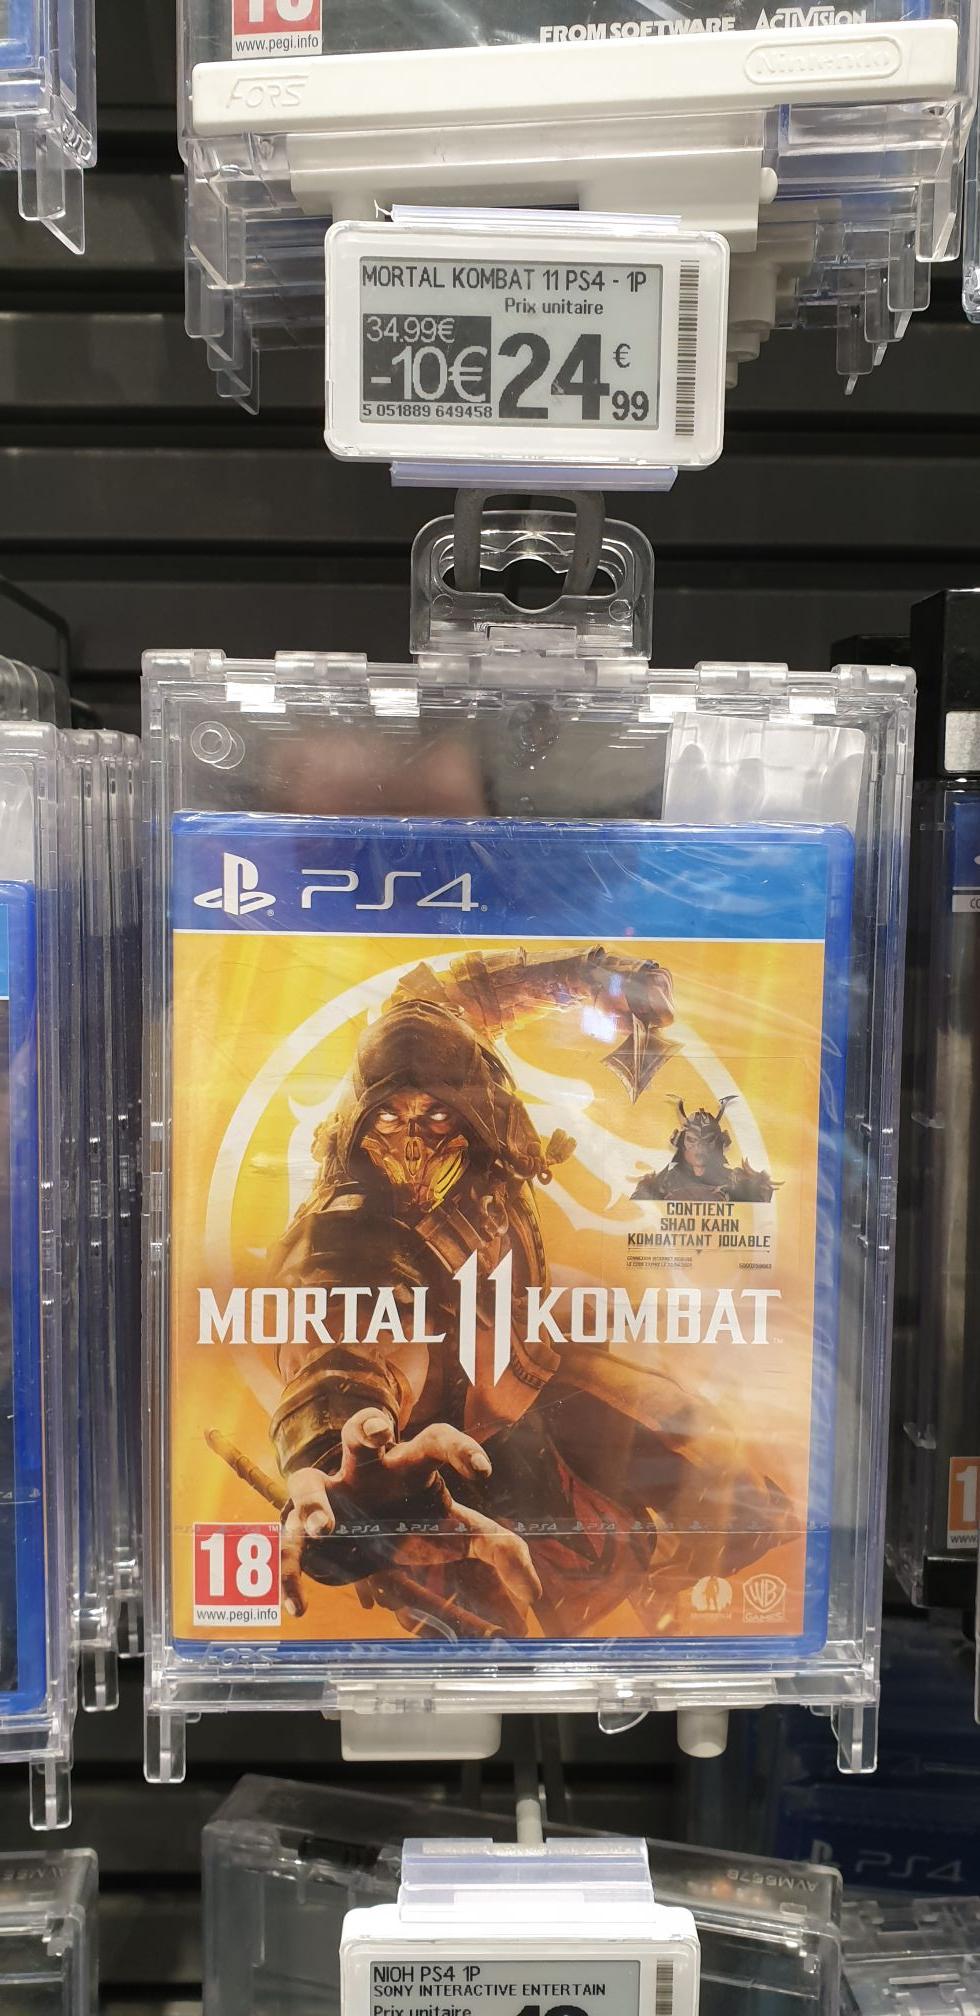 Mortal Kombat 11 sur PS4 - Frouard (54)